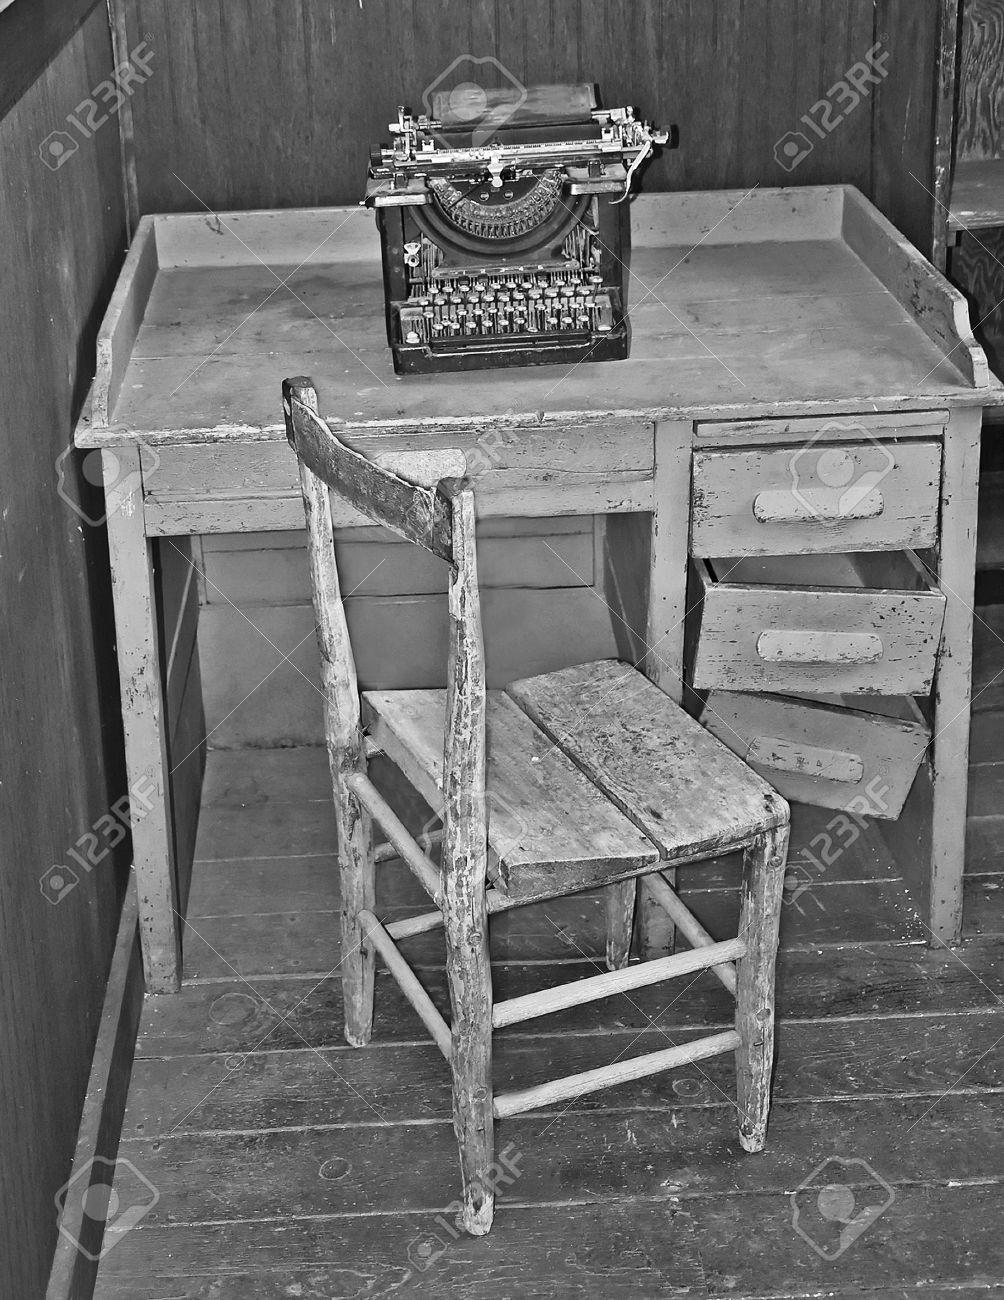 Schreibtisch vintage schwarz  Diese Schwarz-Weiß-Vintage Bild Ist Eine Alte, Kaputten ...